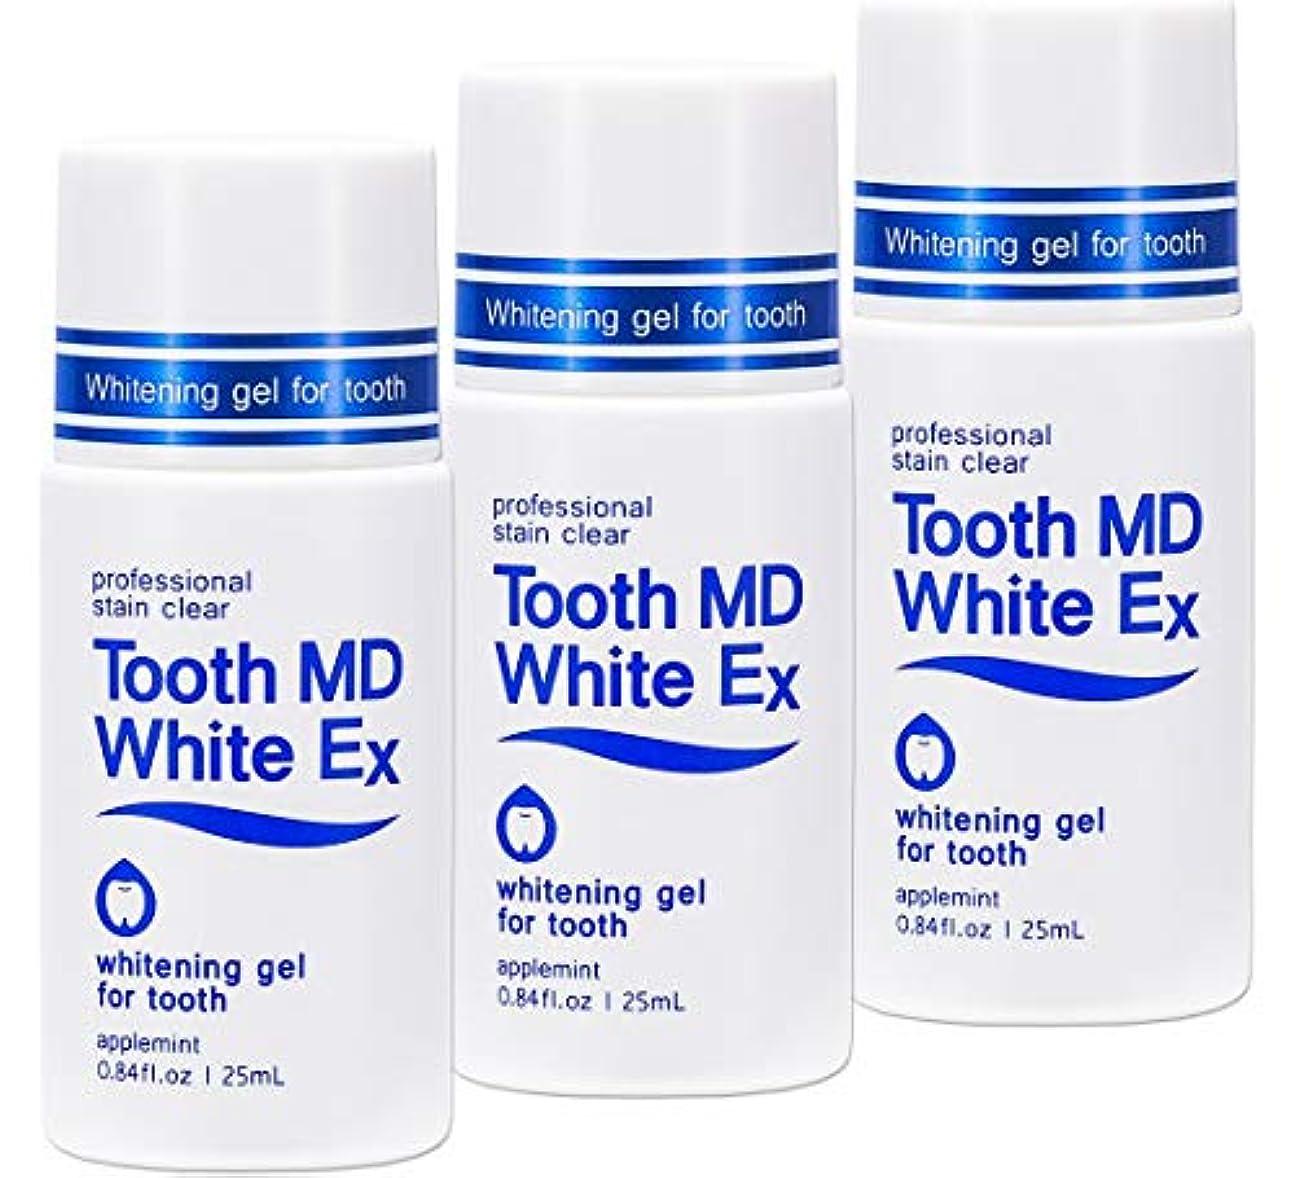 解決するトランスペアレントアテンダントトゥースMDホワイトEX 3個セット[歯のホワイトニング]